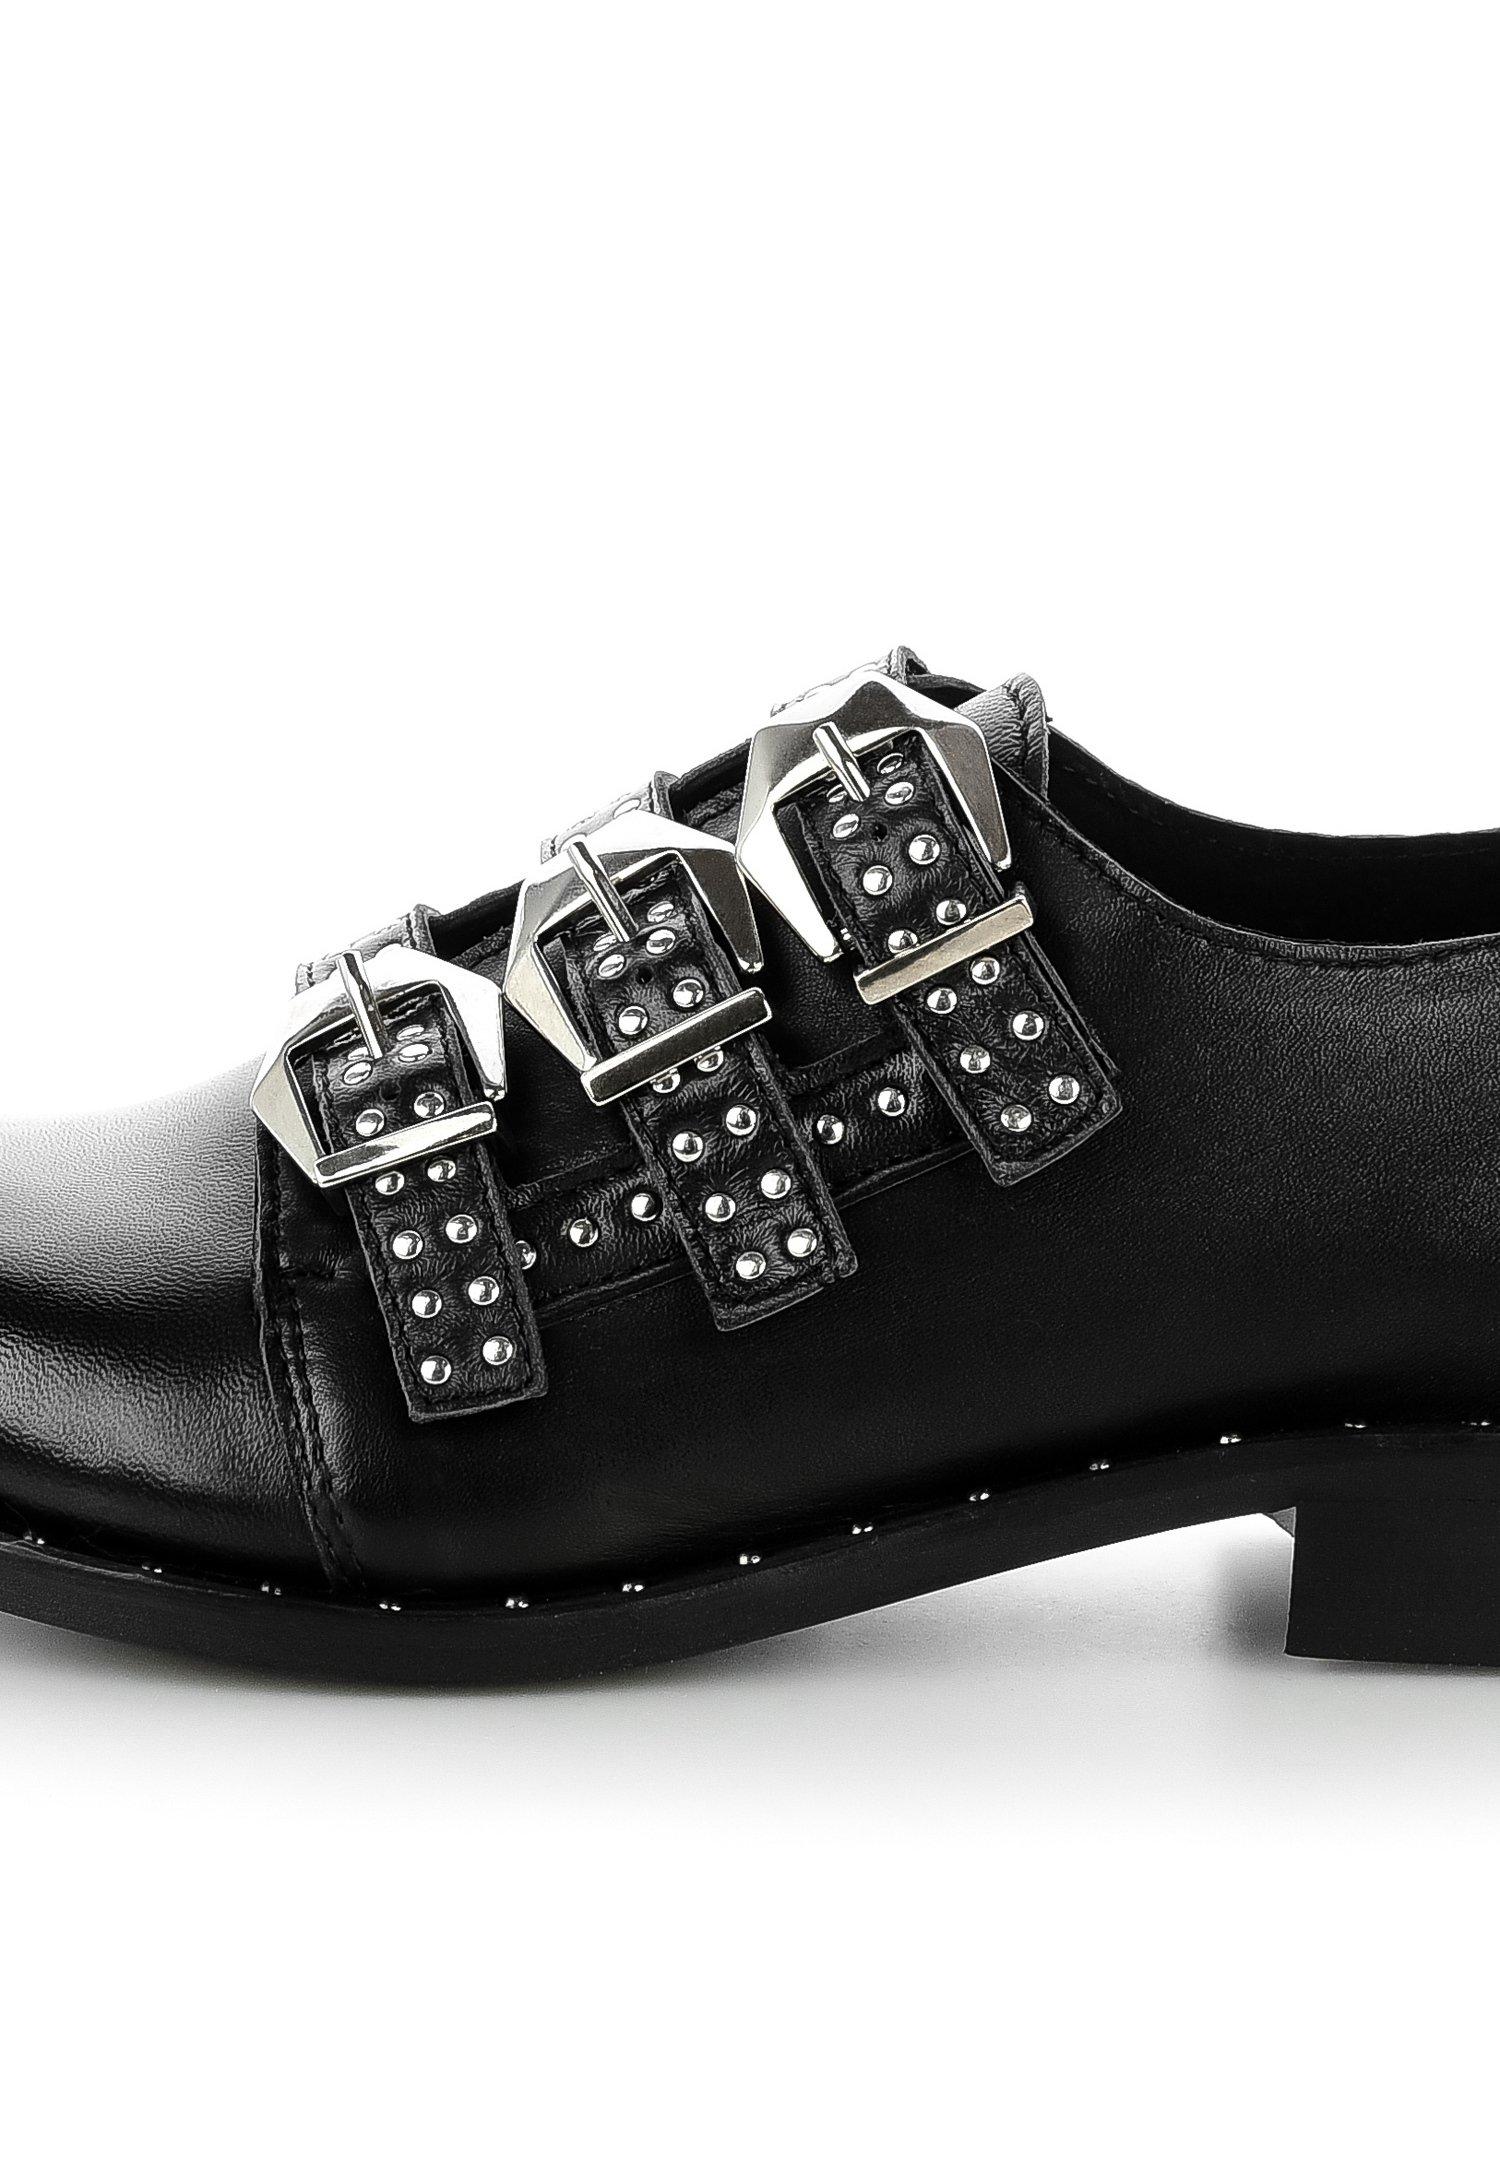 Virallinen Sivusto Naisten kengät Sarja is9898fyuiHYDS8 PRIMA MODA ALMC Puvunkengät black